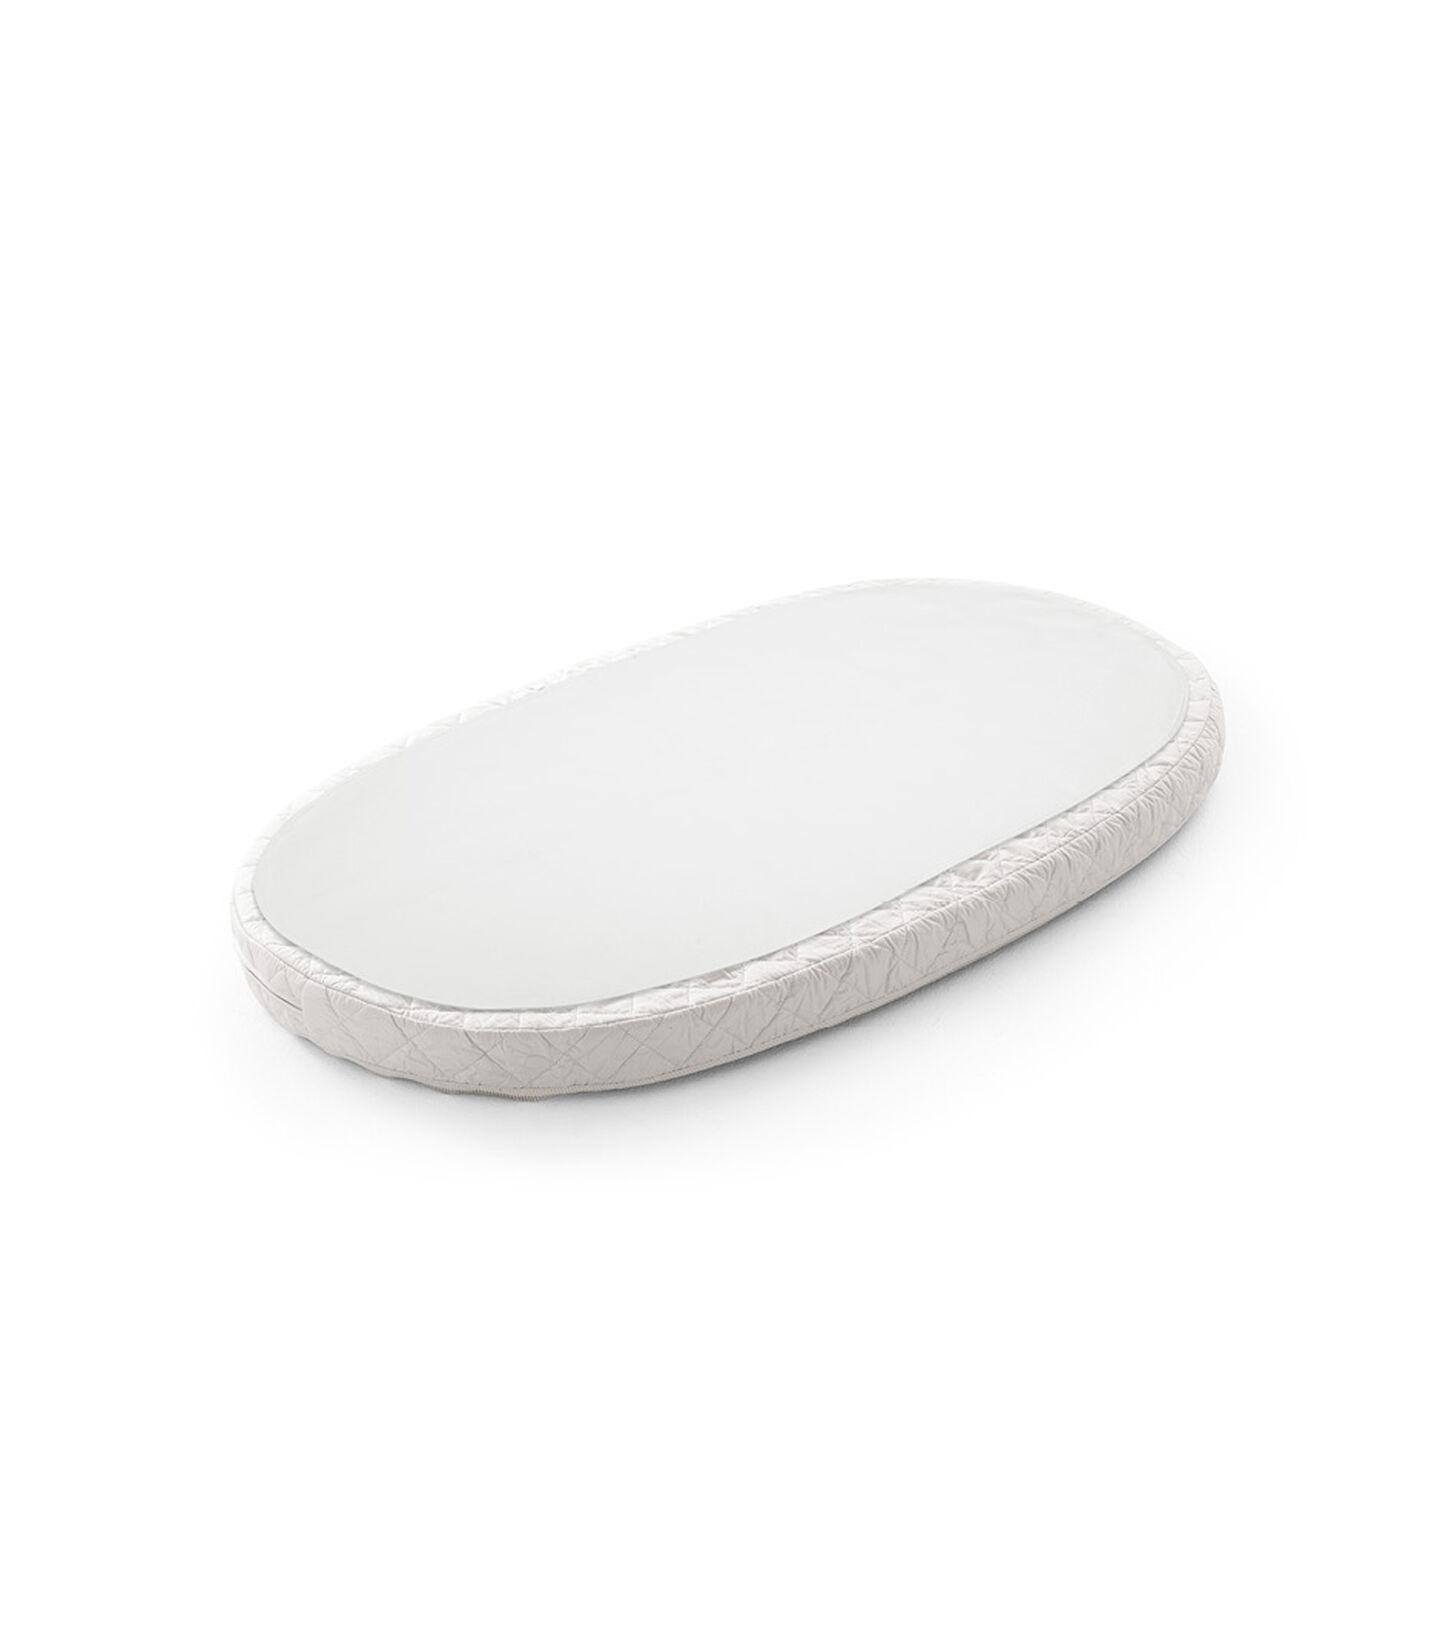 Stokke® Sleepi™ - Prześcieradło ochronne owalne, , mainview view 1